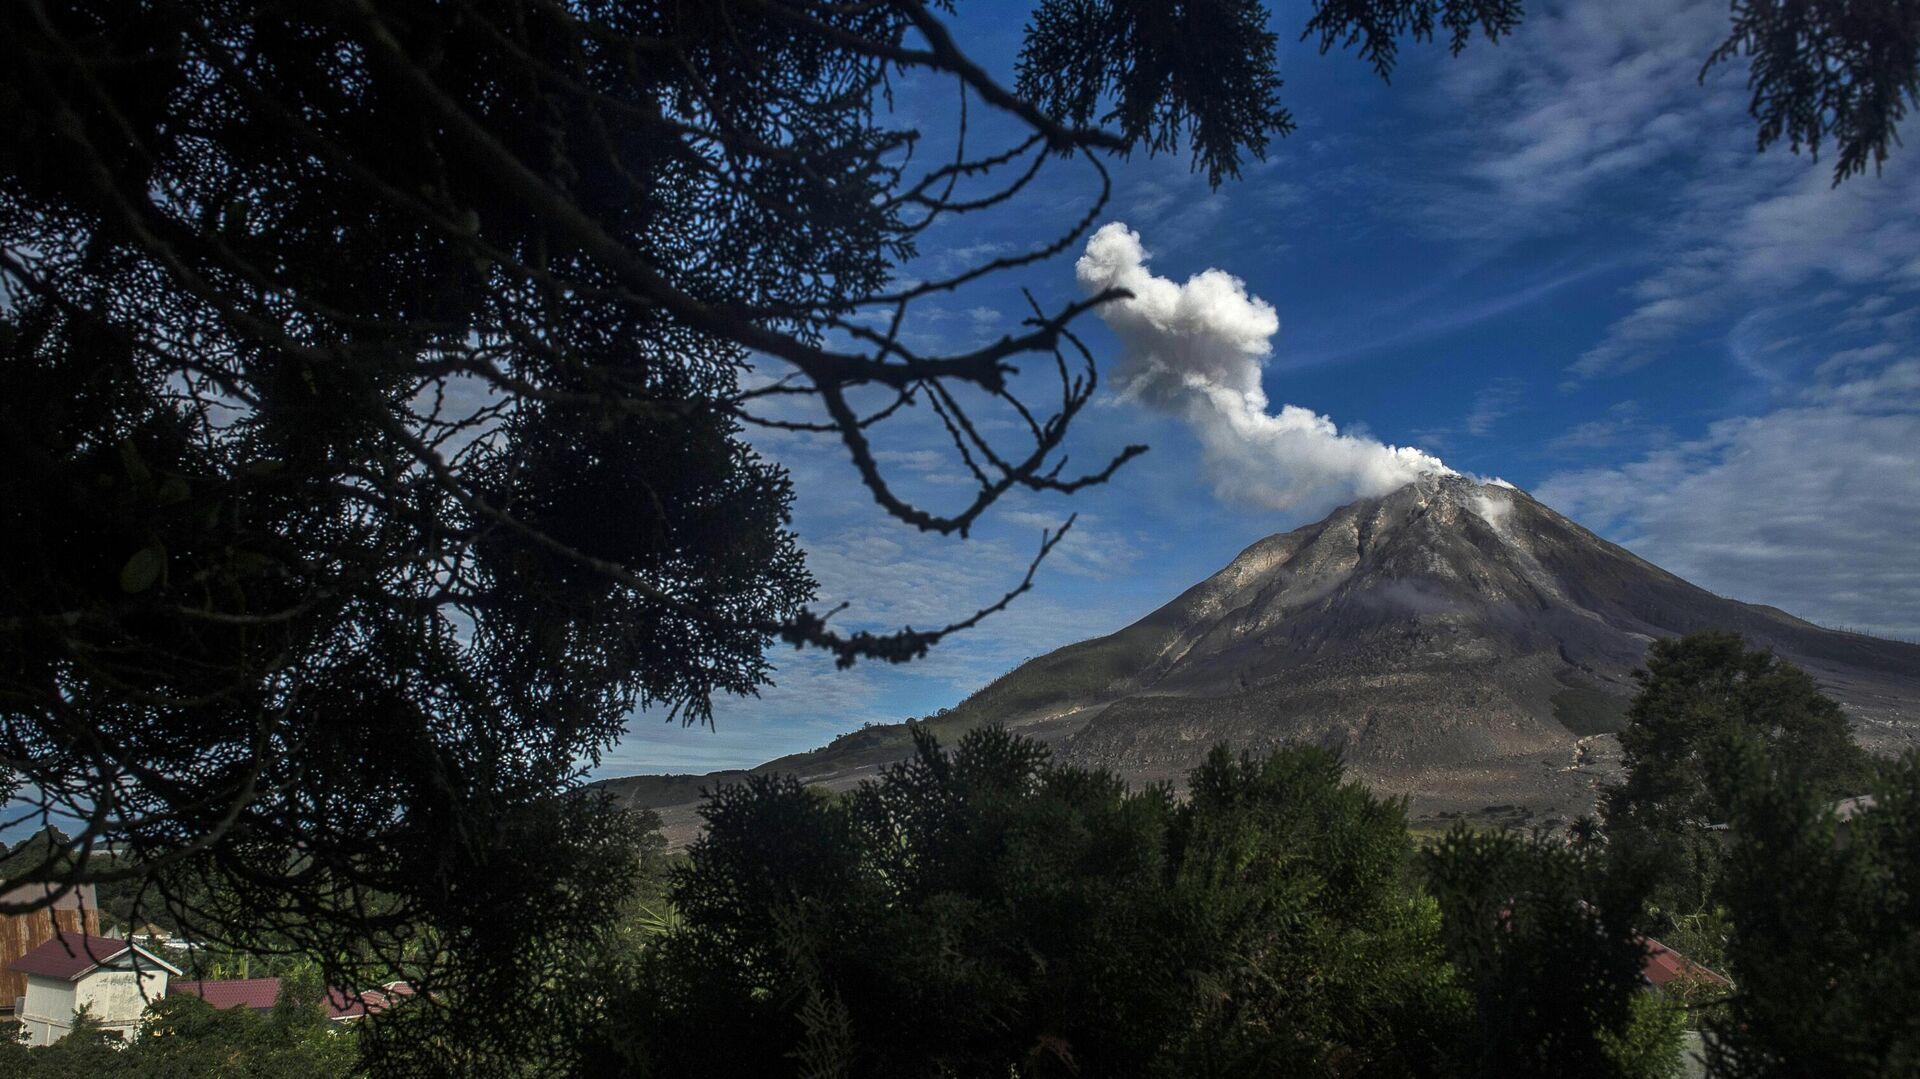 На Камчатке выброс пепла из вулкана угрожает авиасообщению